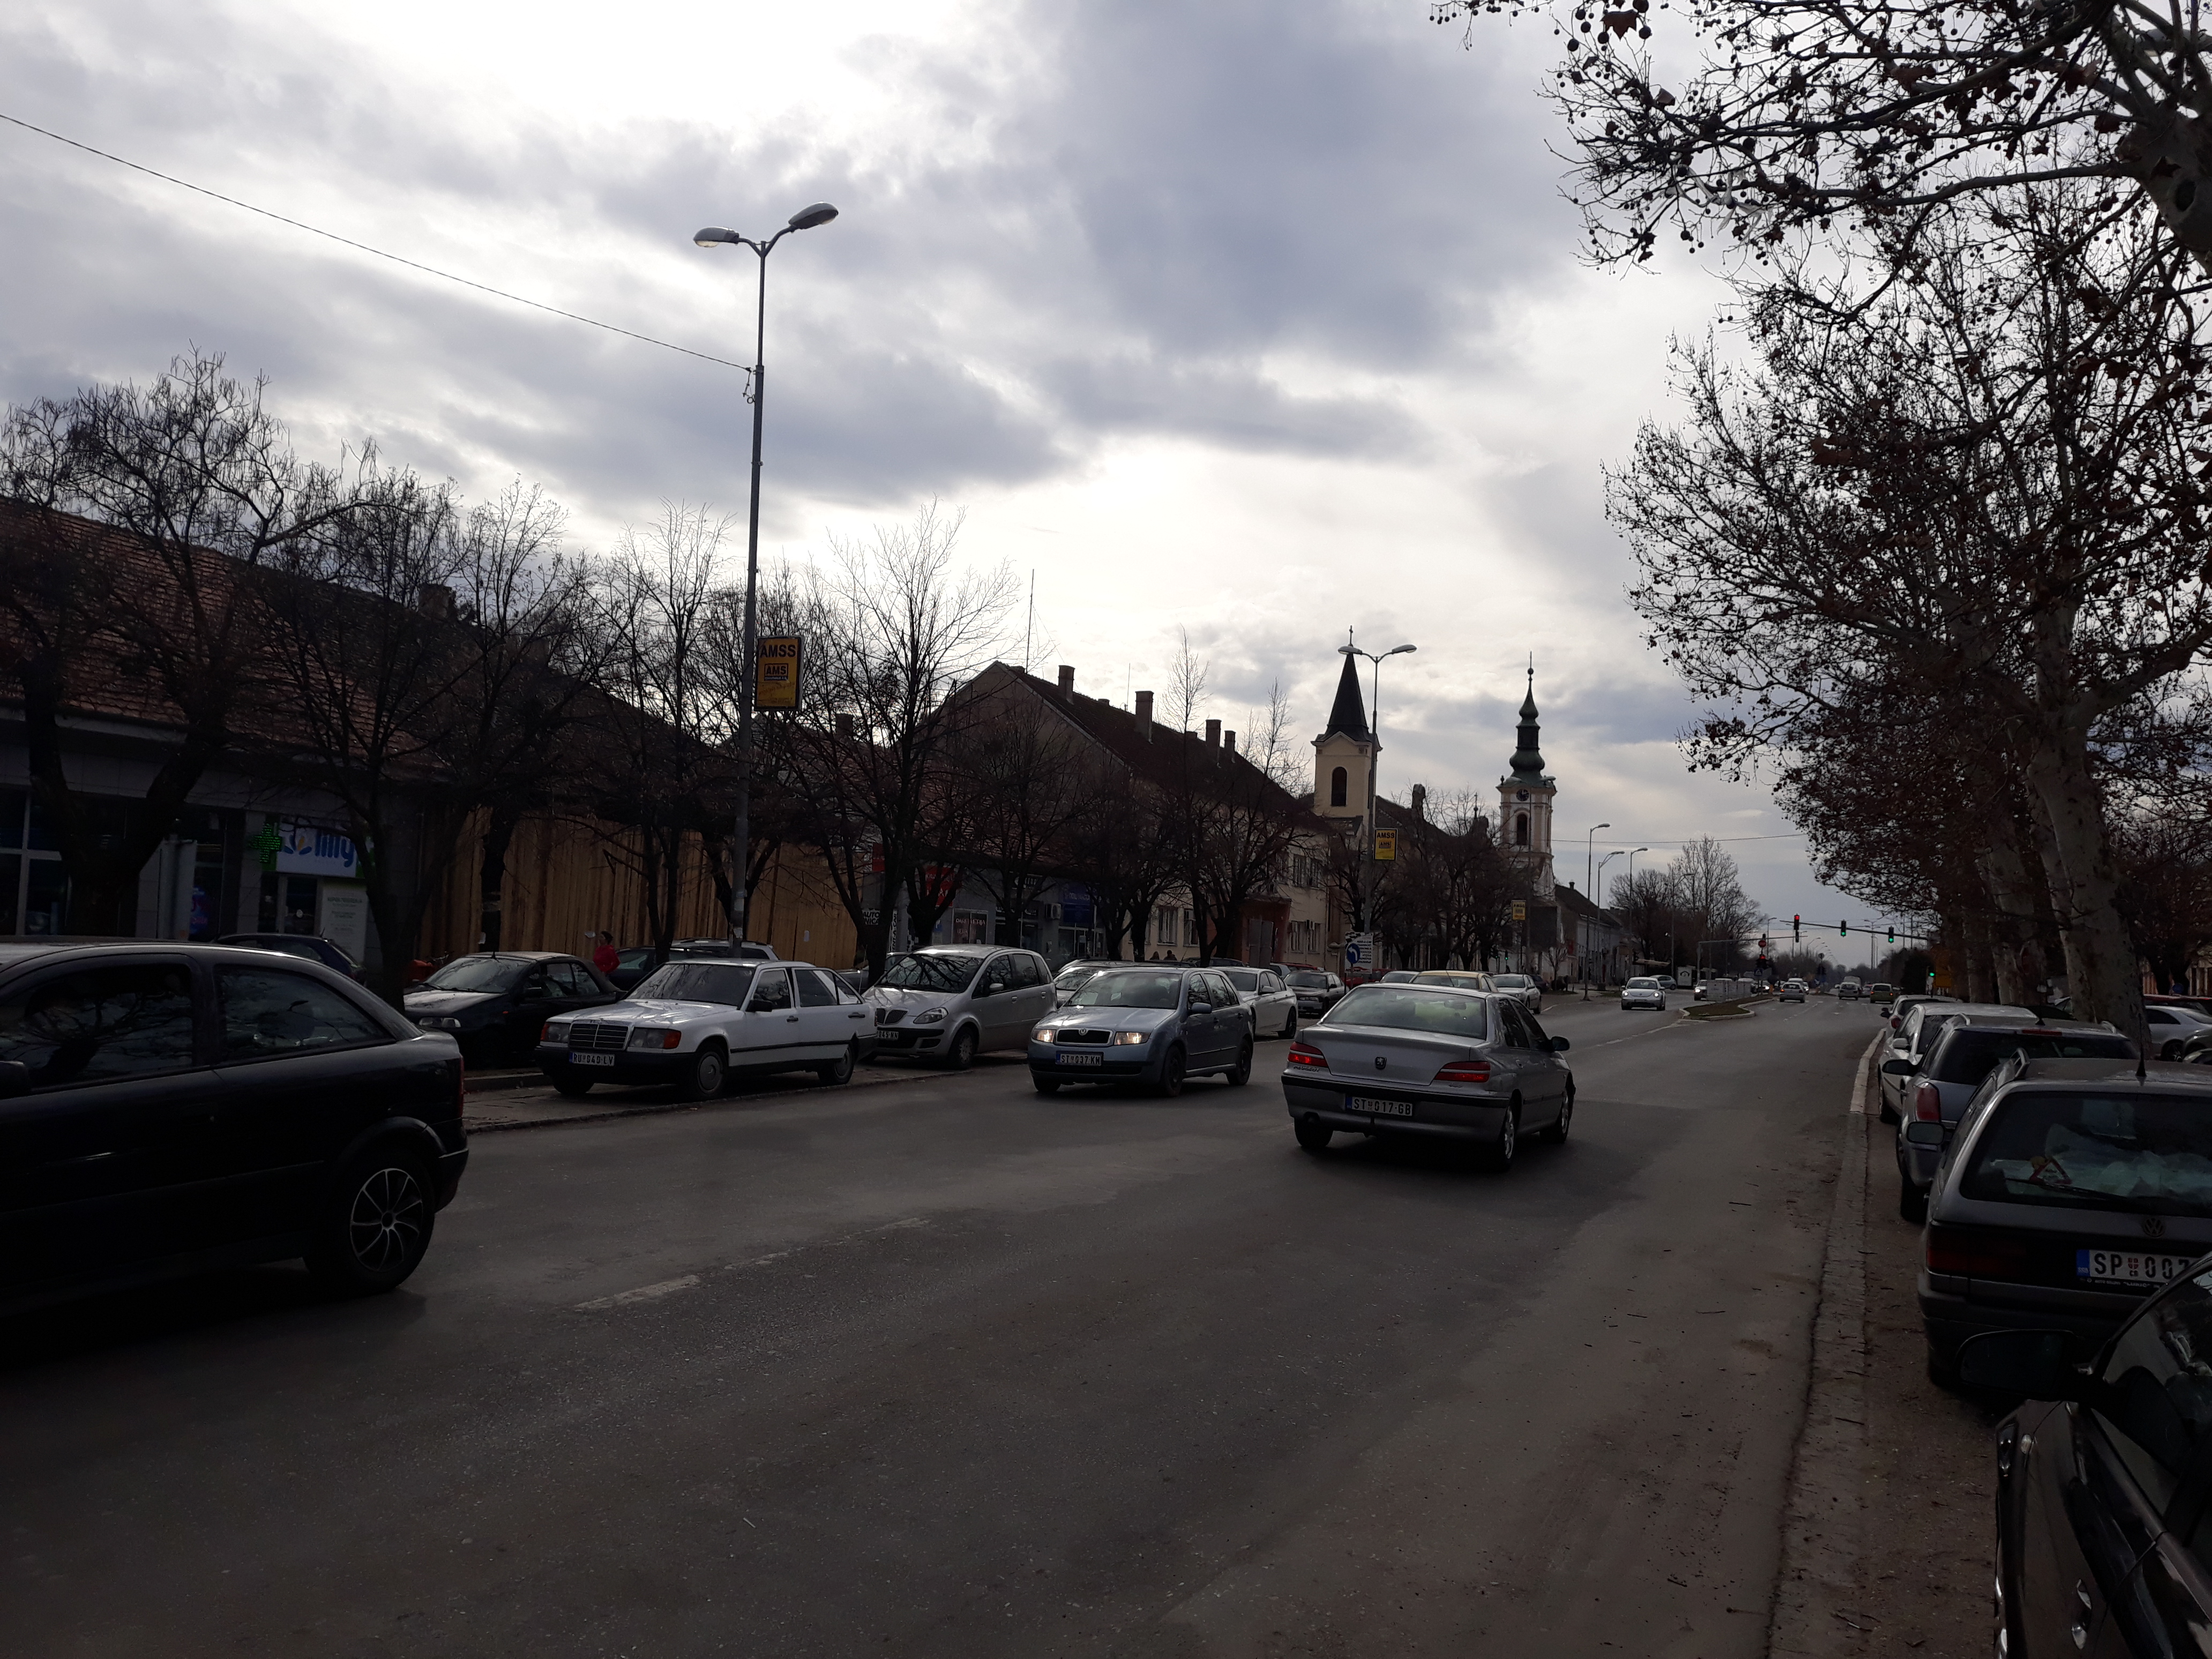 Sakupljanje ambalažnog otpada u opštini Stara Pazova